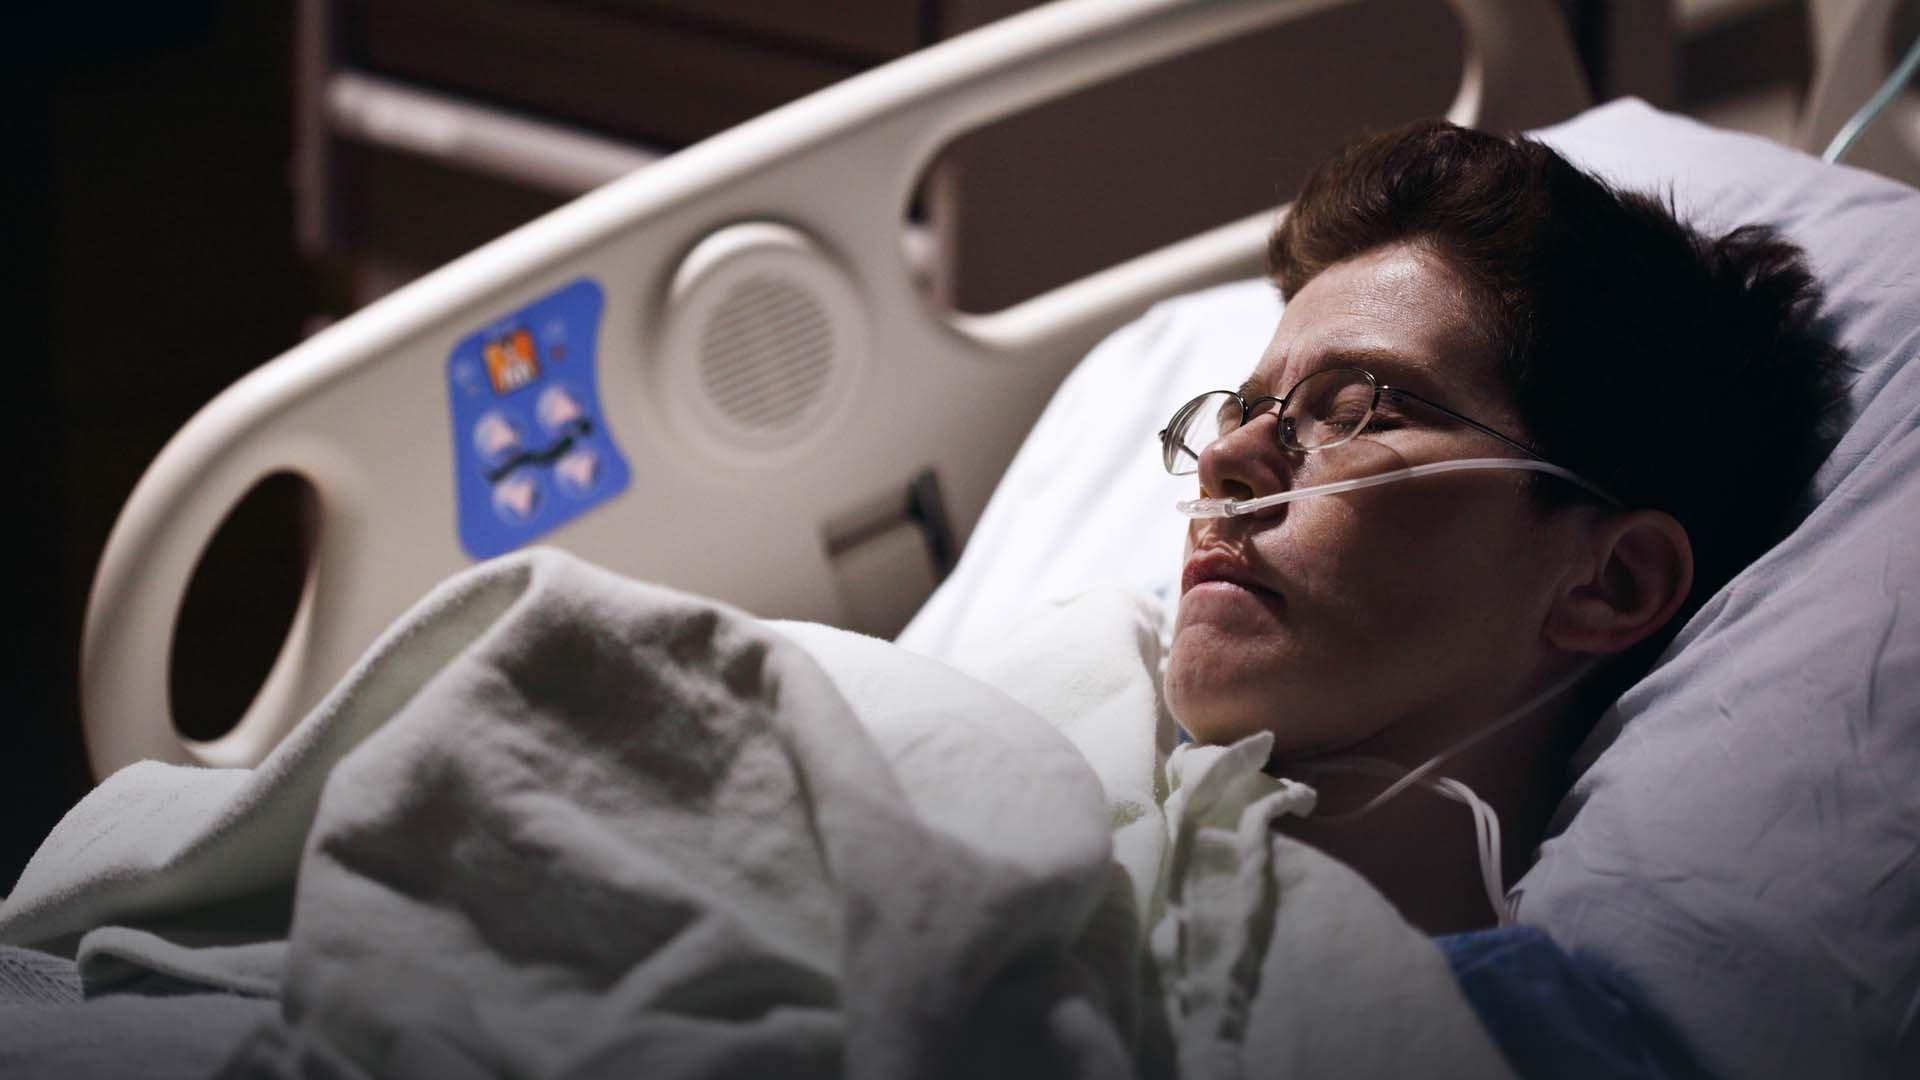 «È un dovere del medico dare la morte a chi lo richiede» per il dott. Riccio